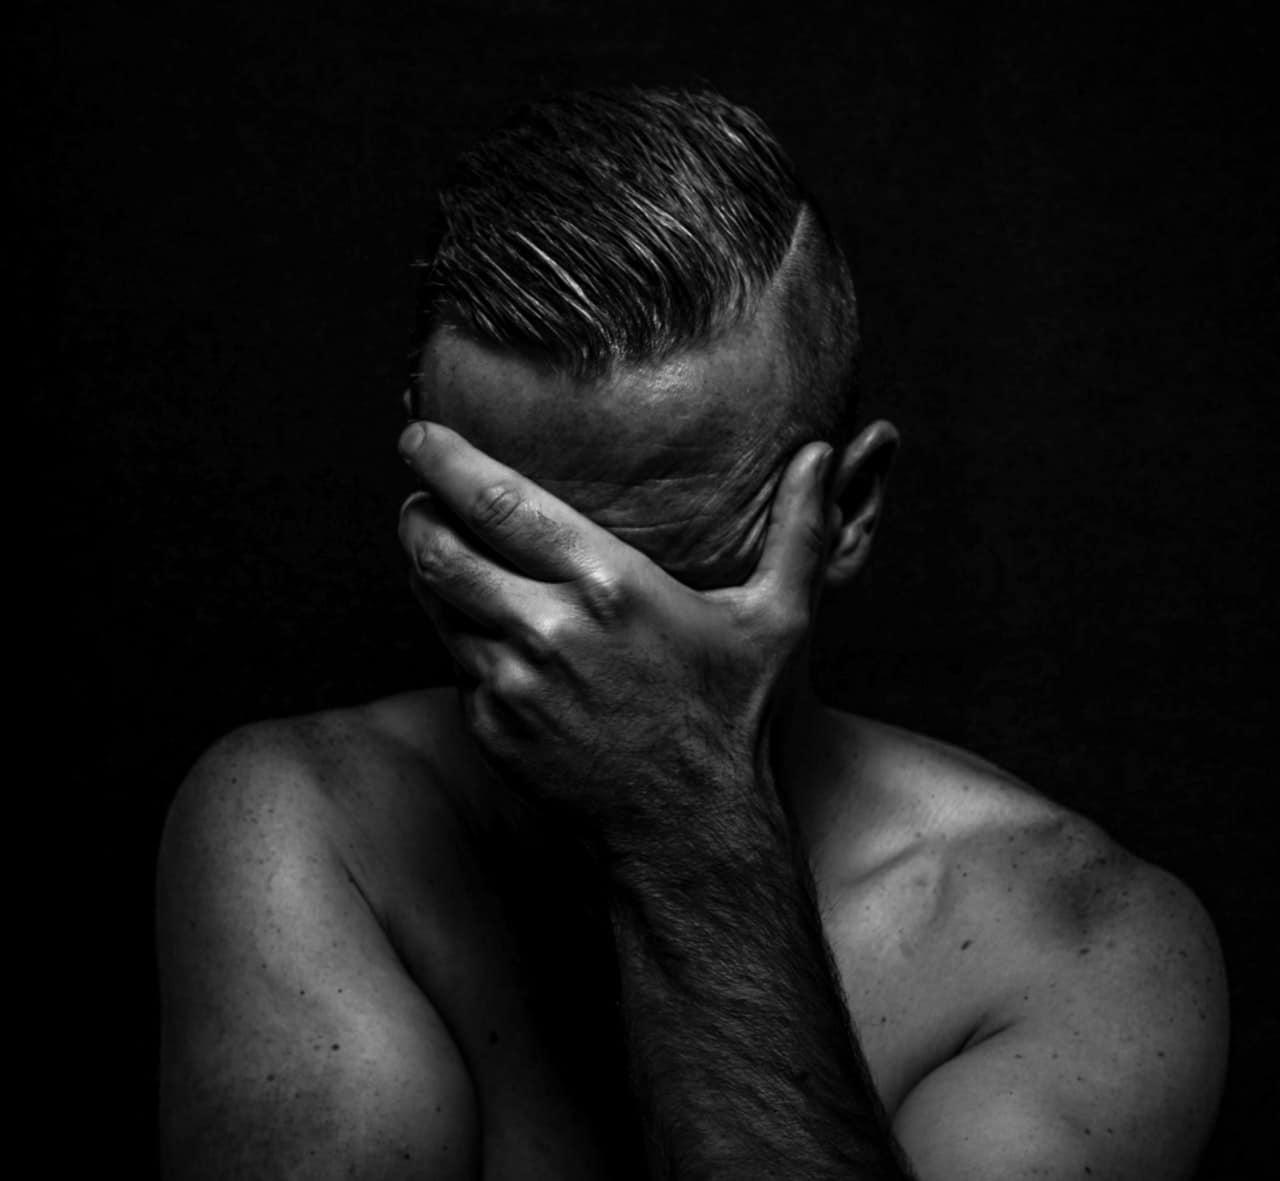 Stres negatywny i pozytywny - czym się różnią?